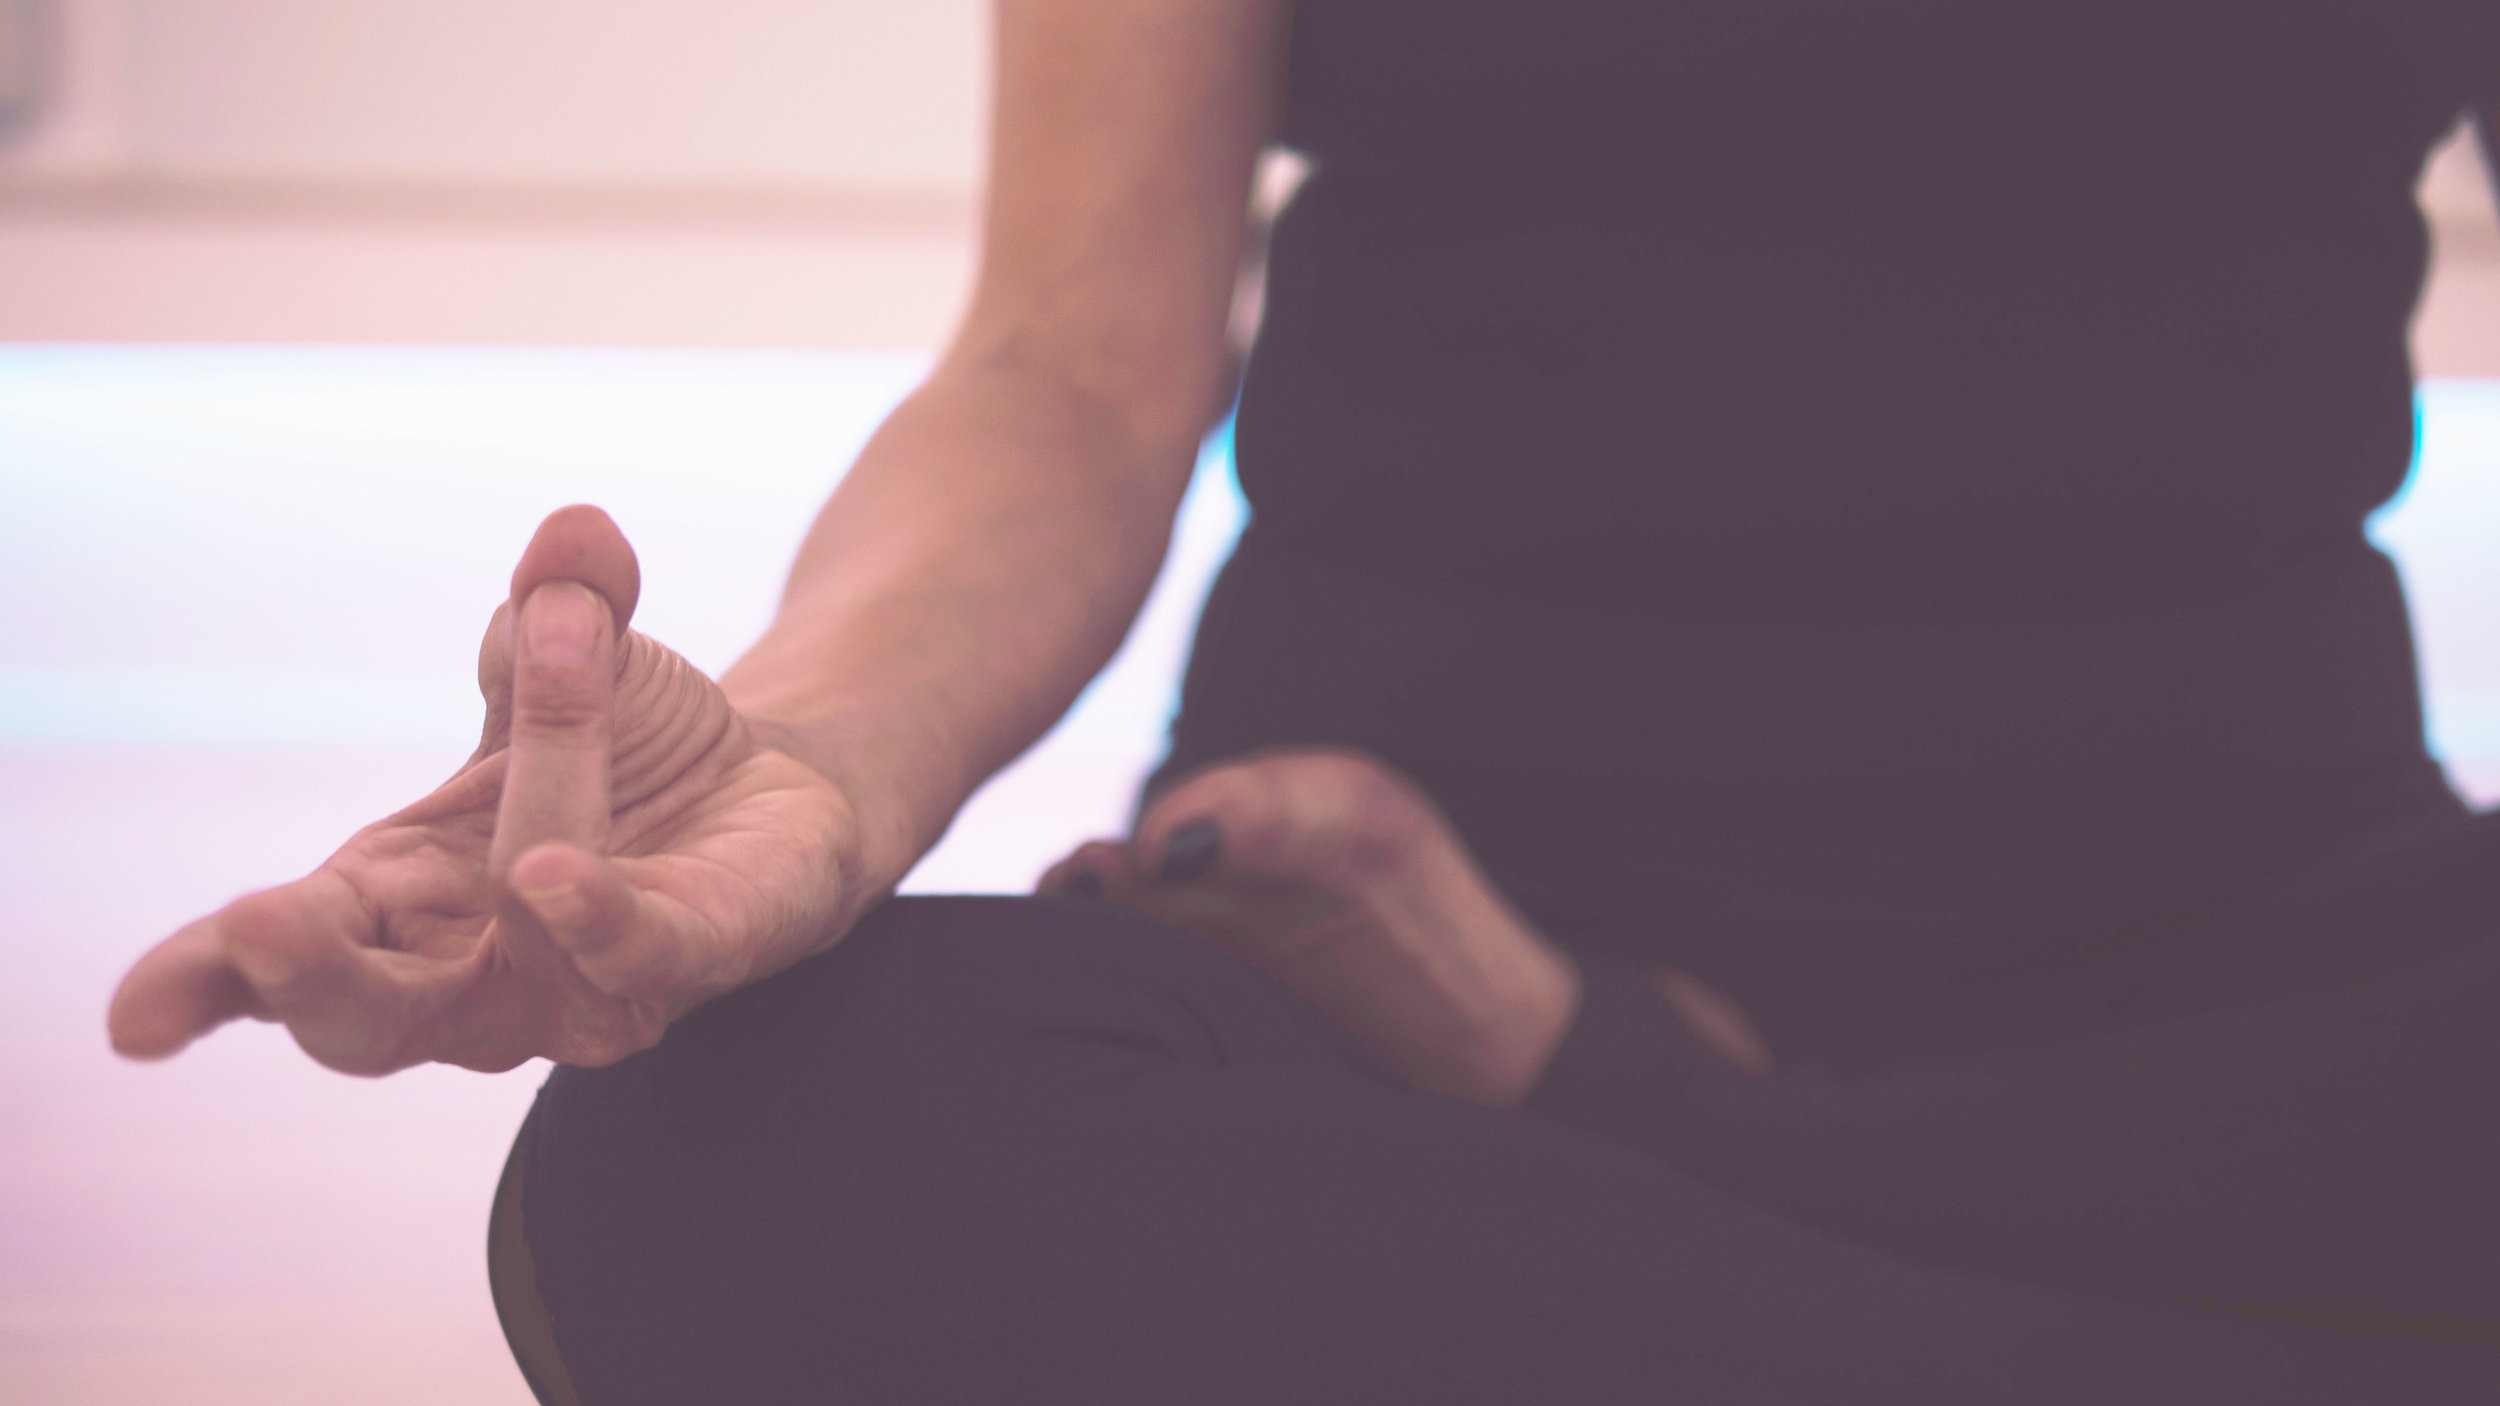 meditation 4 resize color.jpg